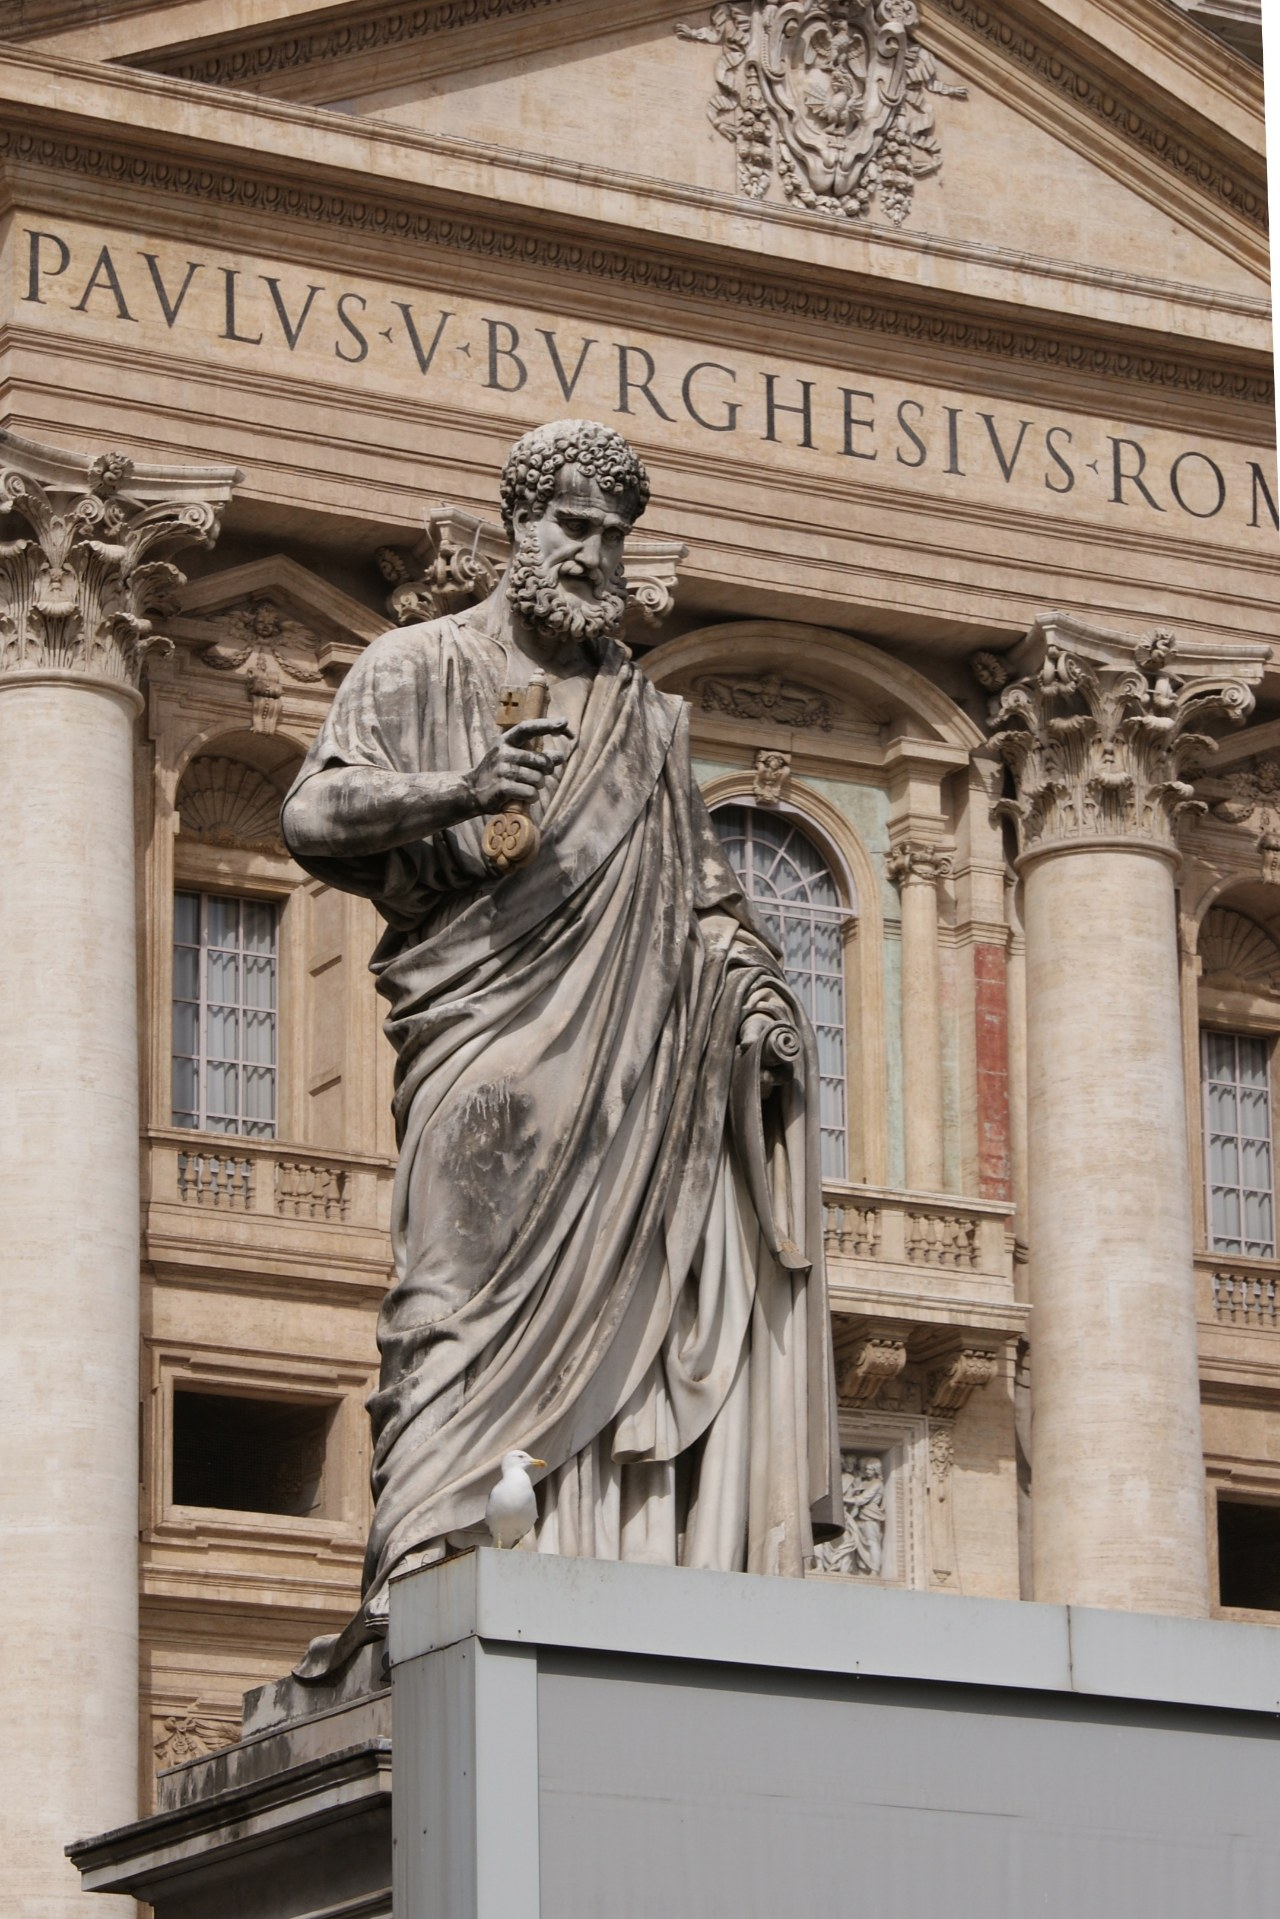 Images - Stald - Rome Printemps 2016 - 04:05 - 25